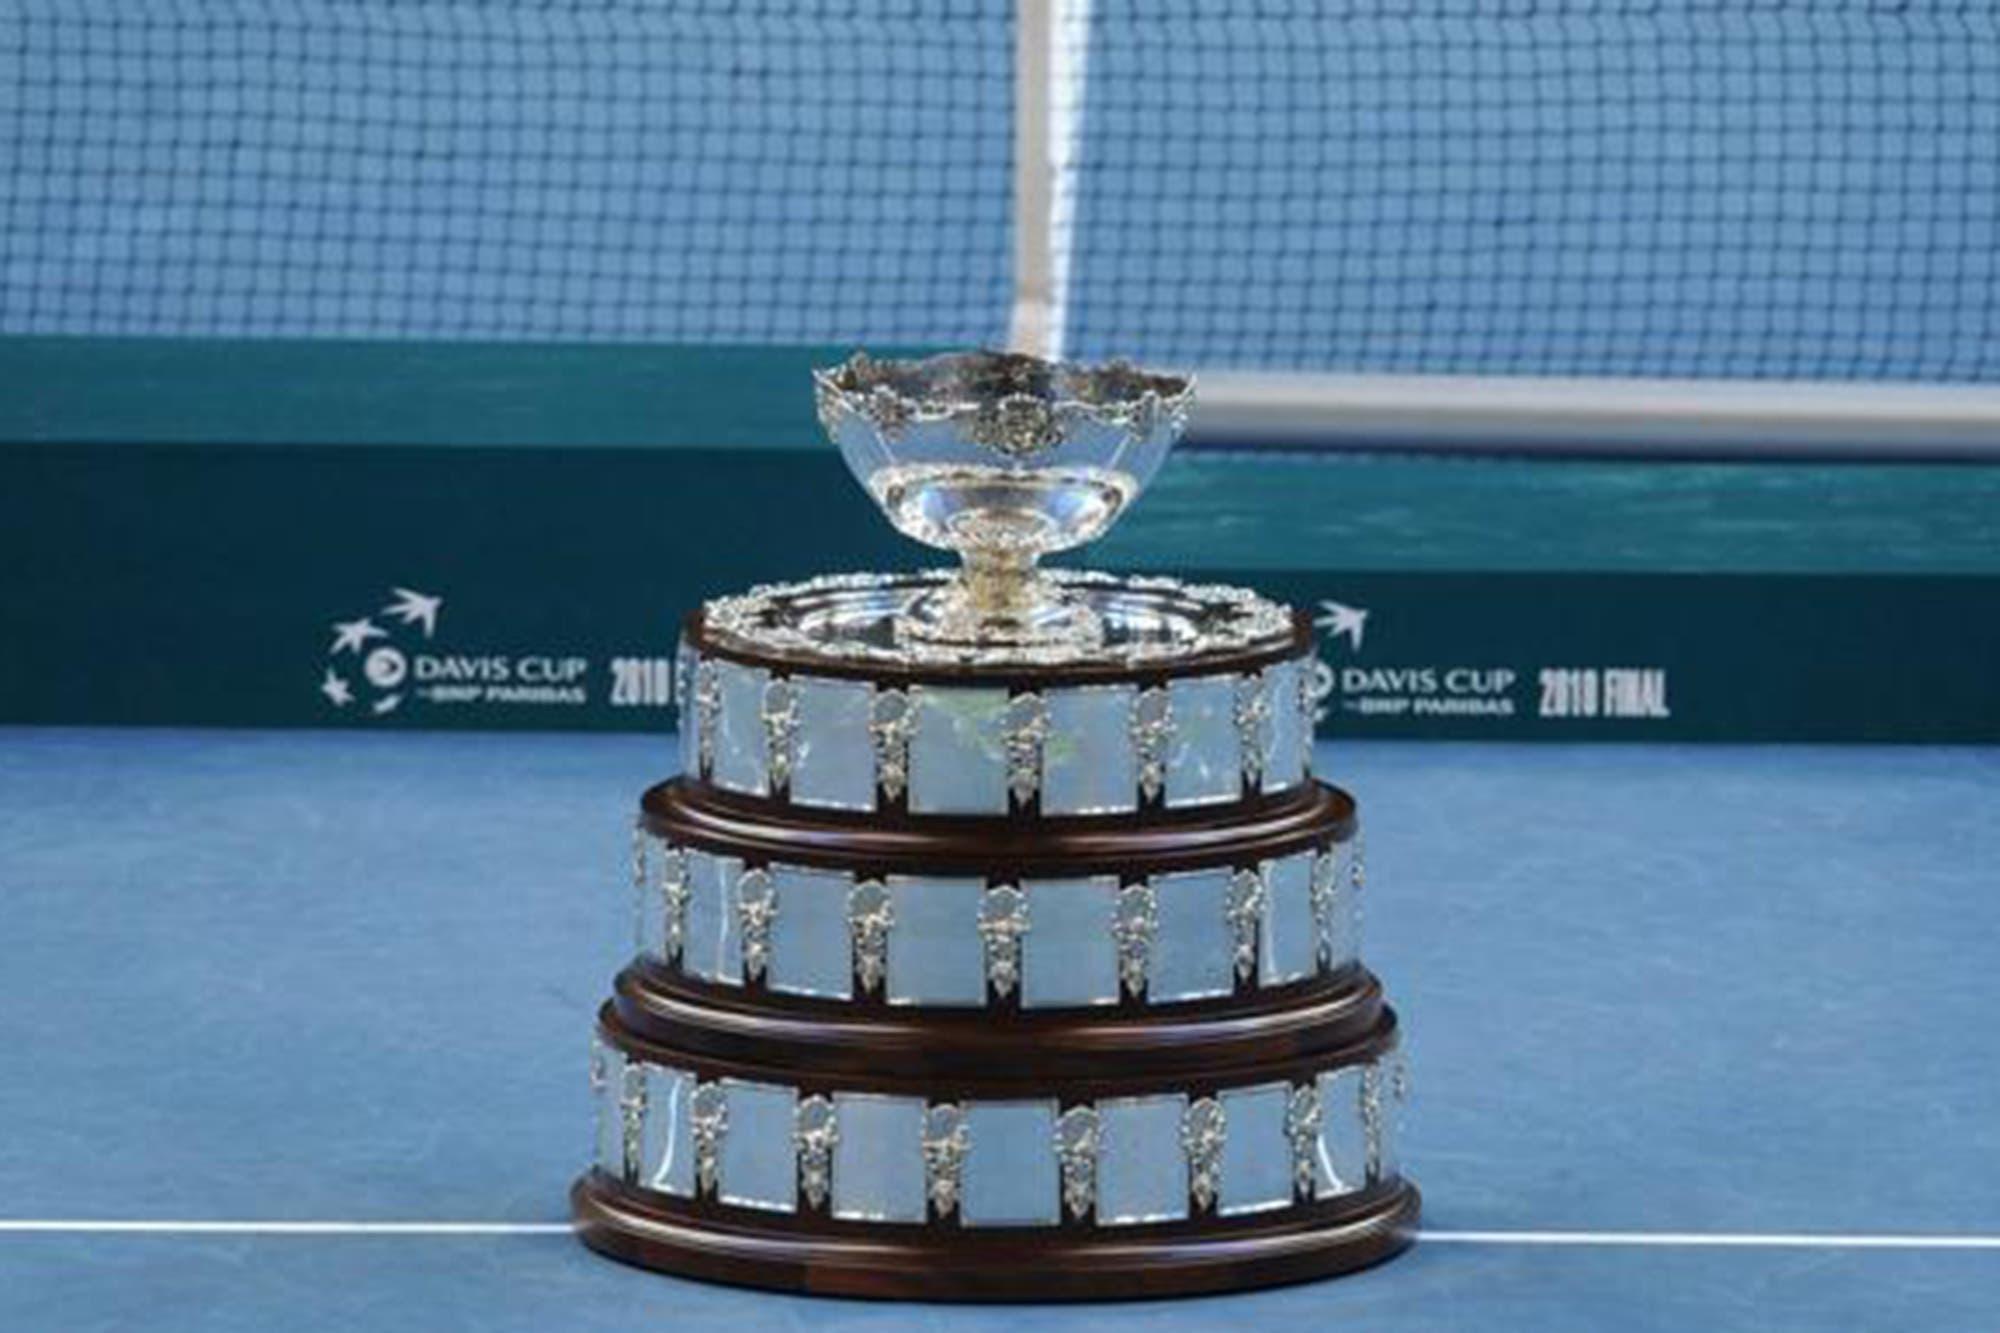 Copa Davis: la verdadera razón de la suspensión, según las fuertes críticas francesas